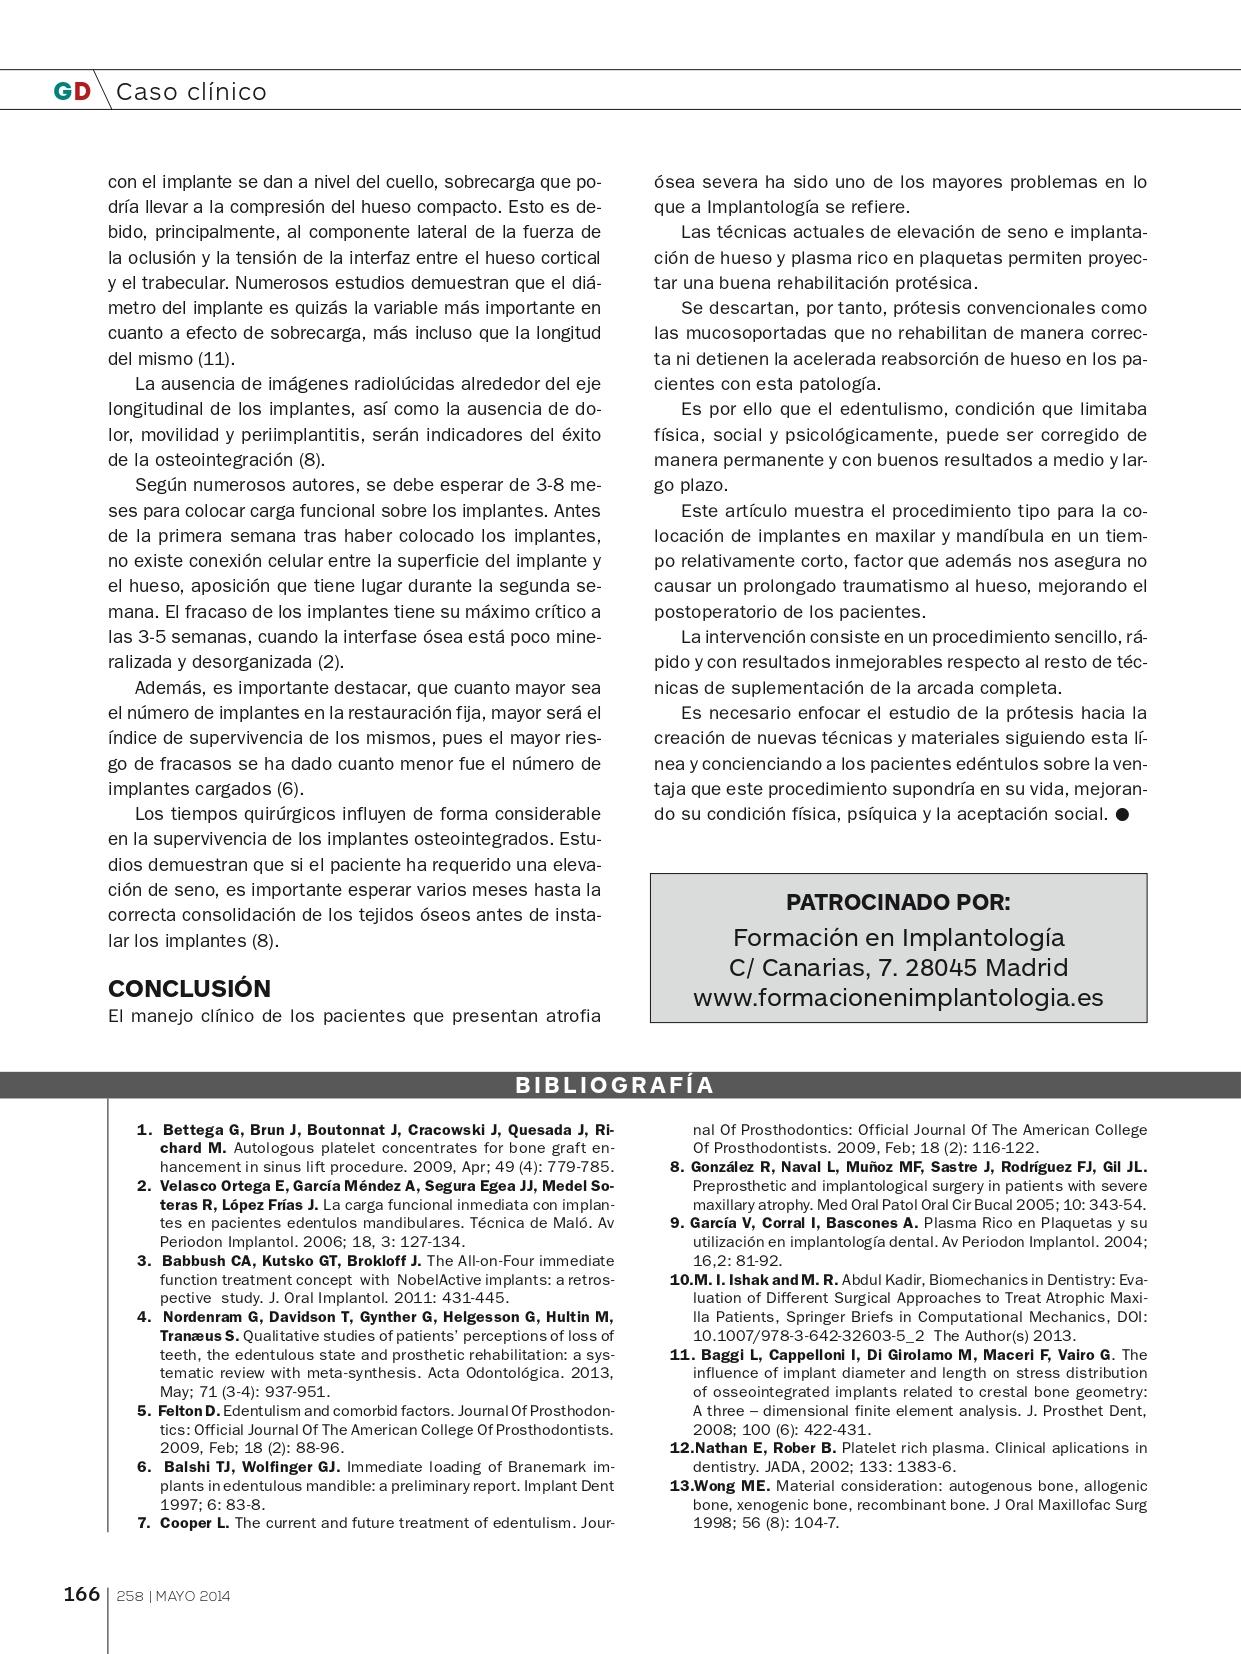 Tratamiento-con-implantes-y-elevación-de-seno-abierta_page-0008